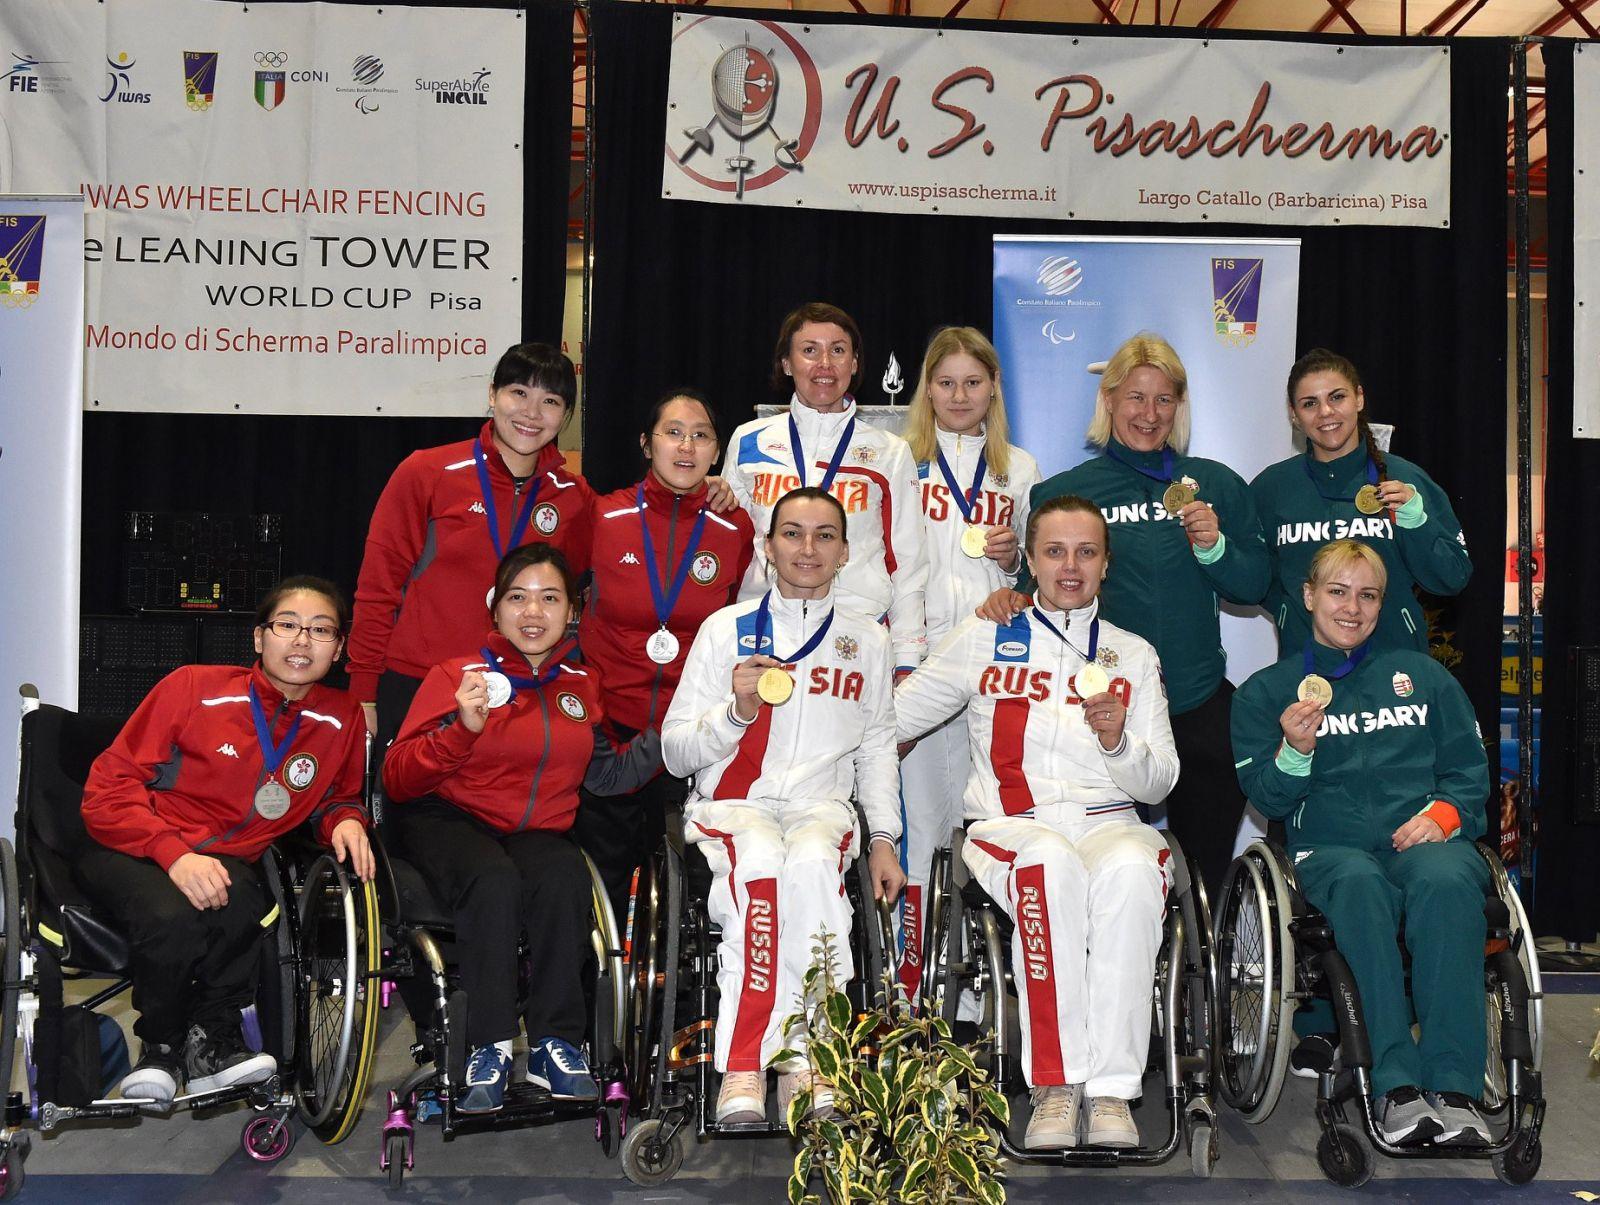 Сборная команда России по фехтованию на колясках завоевала 2 золотые, 2 серебряные и 7 бронзовых медалей на этапе Кубка мира по фехтованию на колясках в Италии